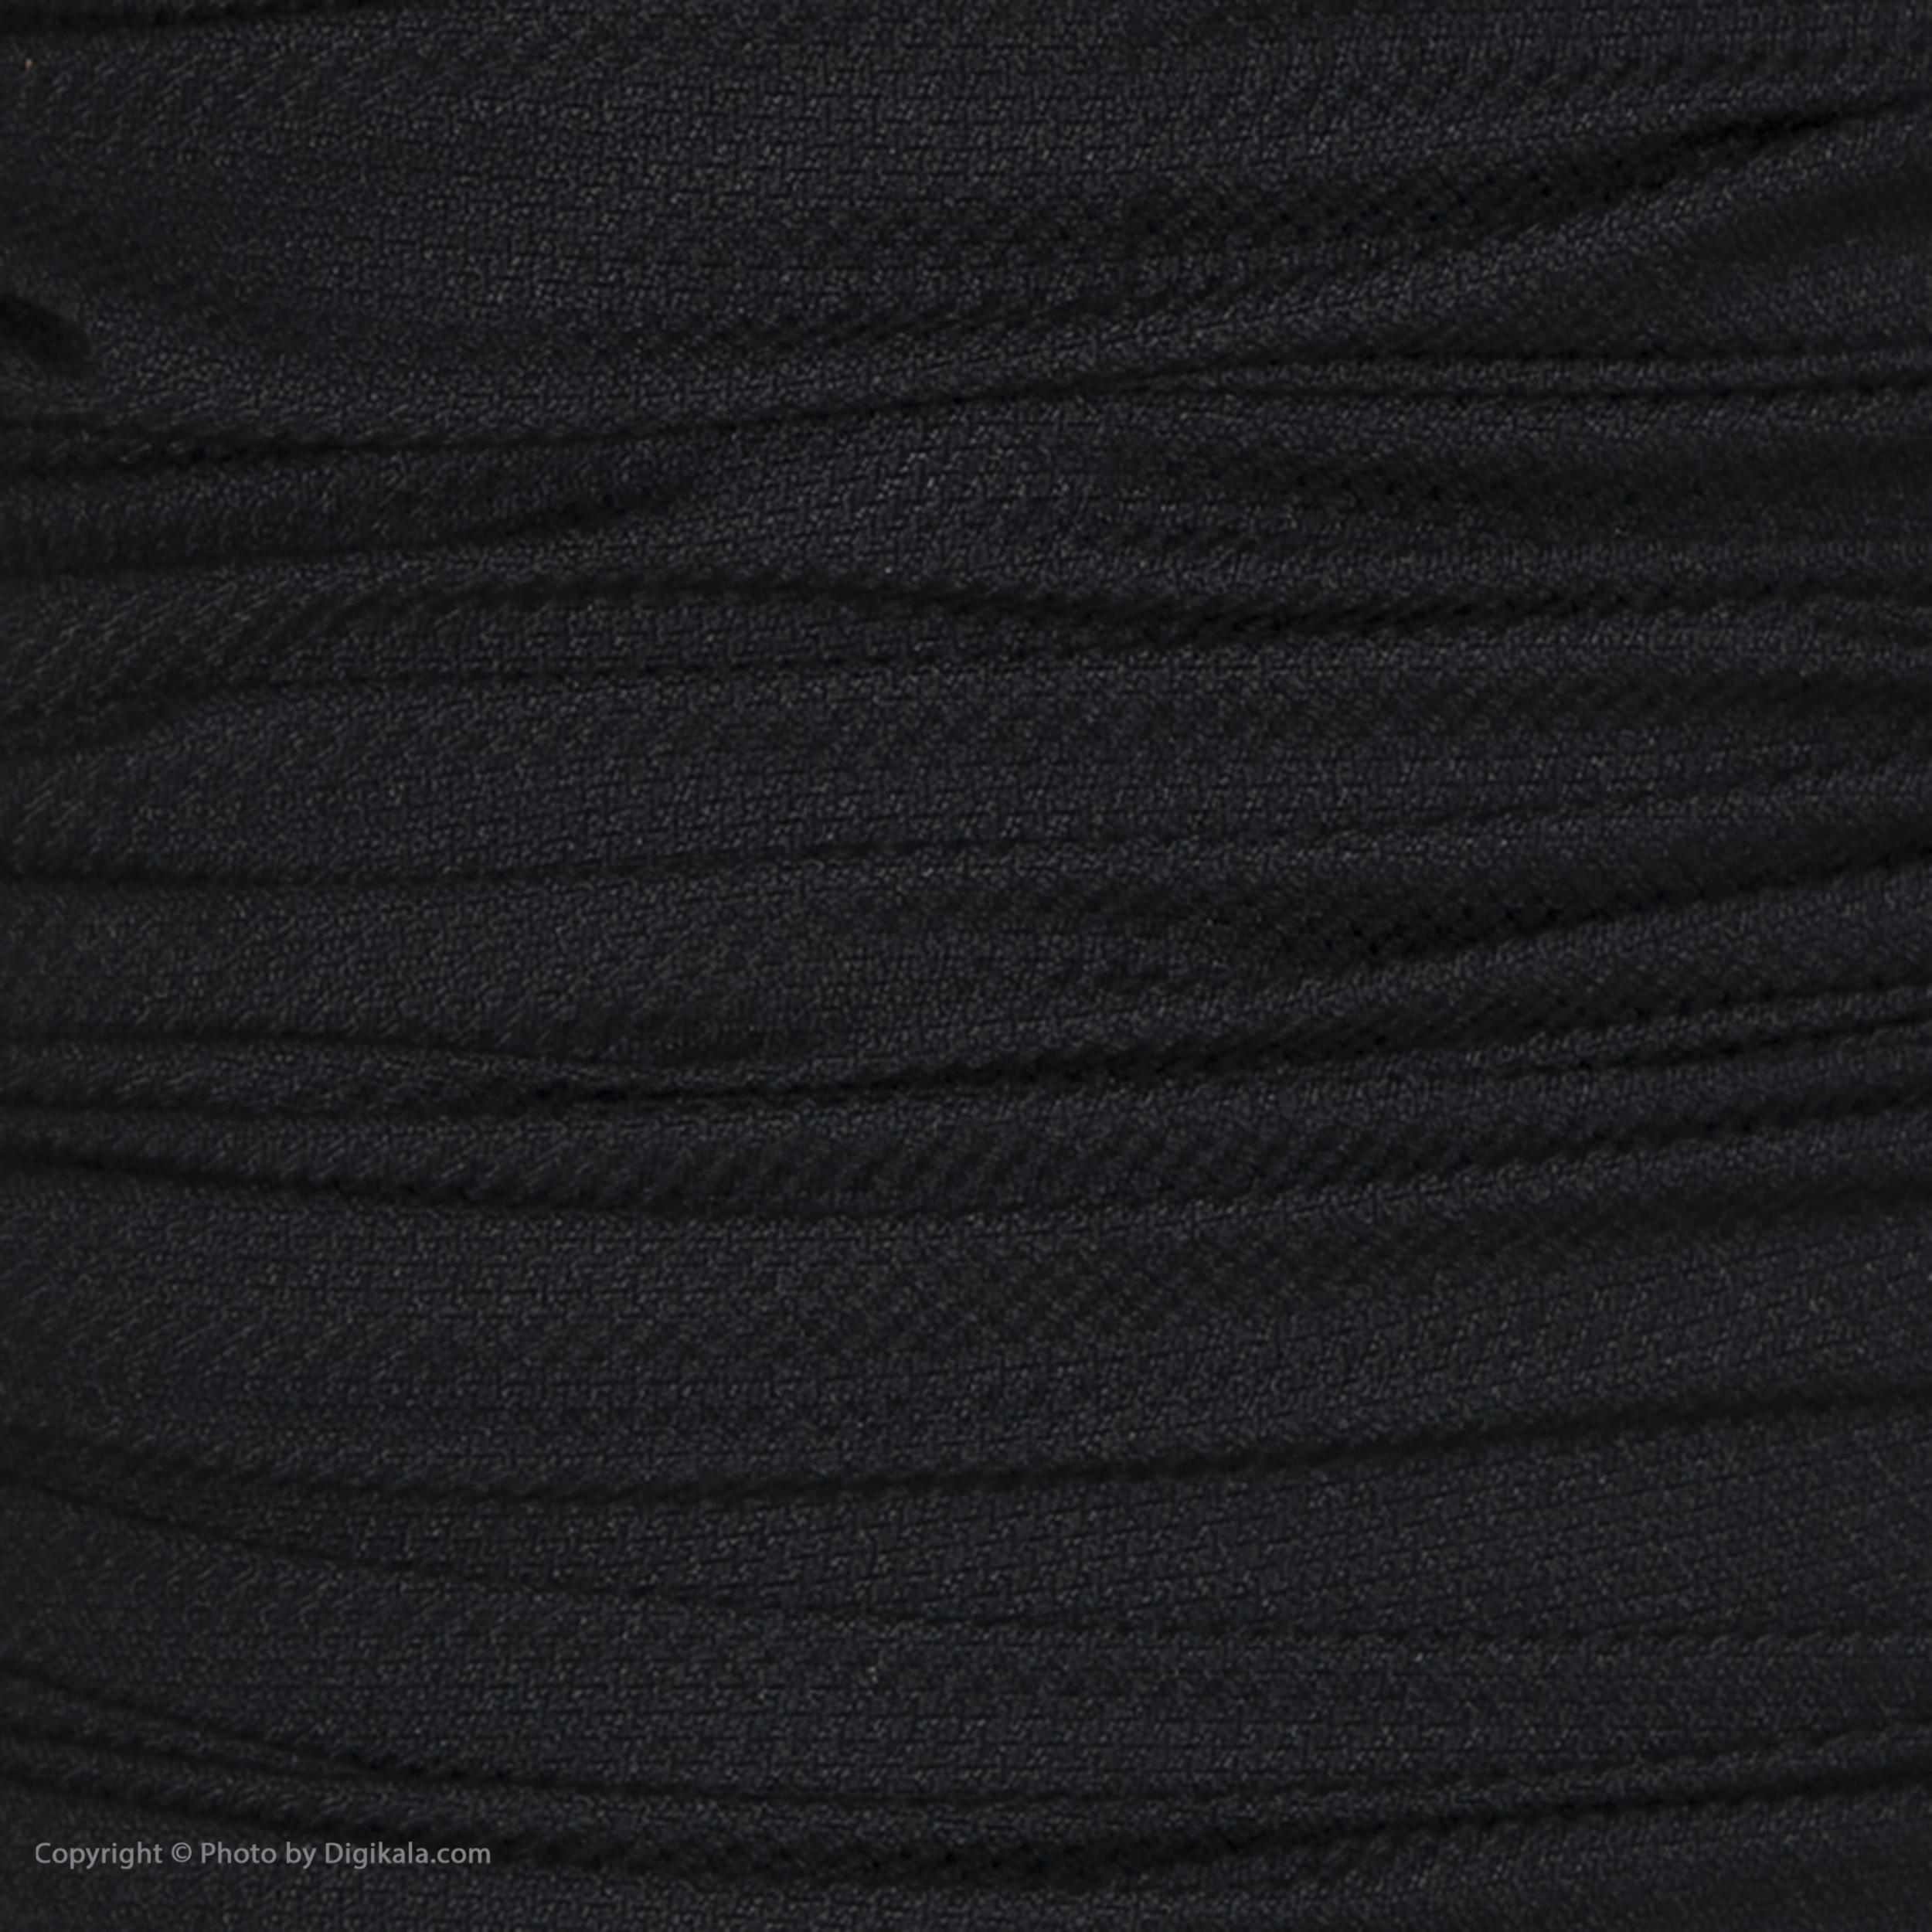 خرید                                     شلوار مردانه ال سی من مدل 01121041-430